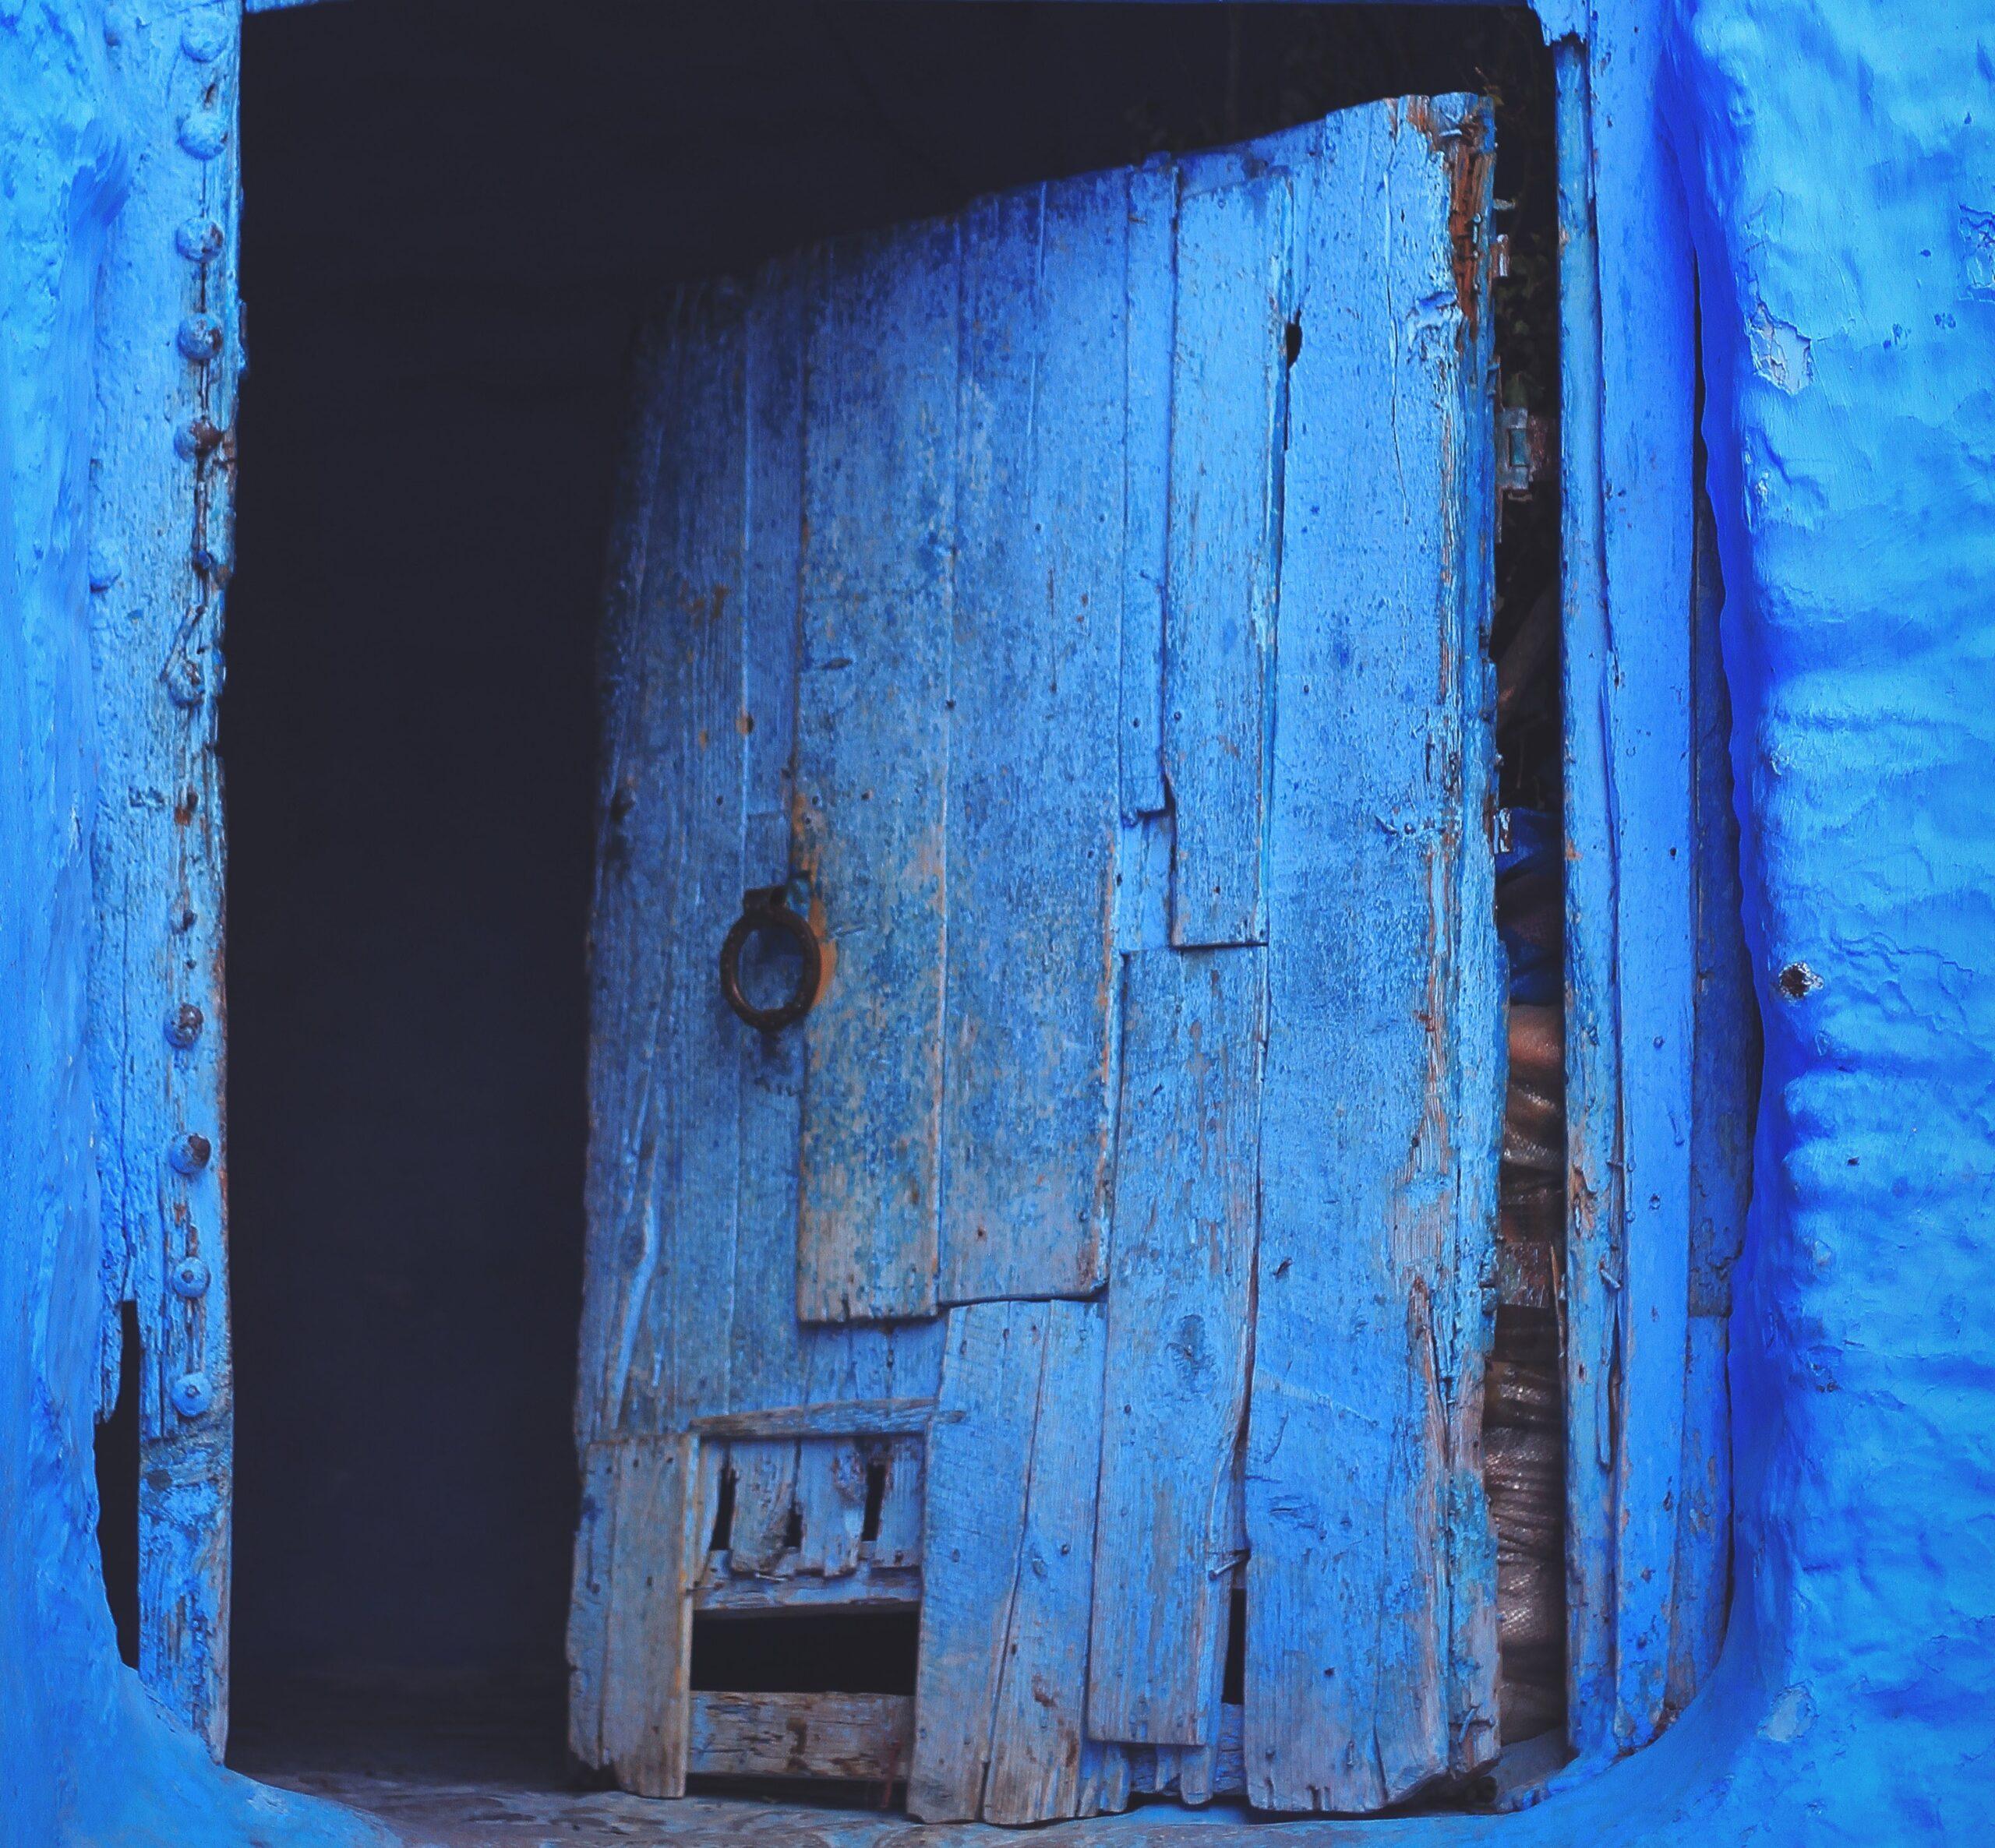 bllue door cropped